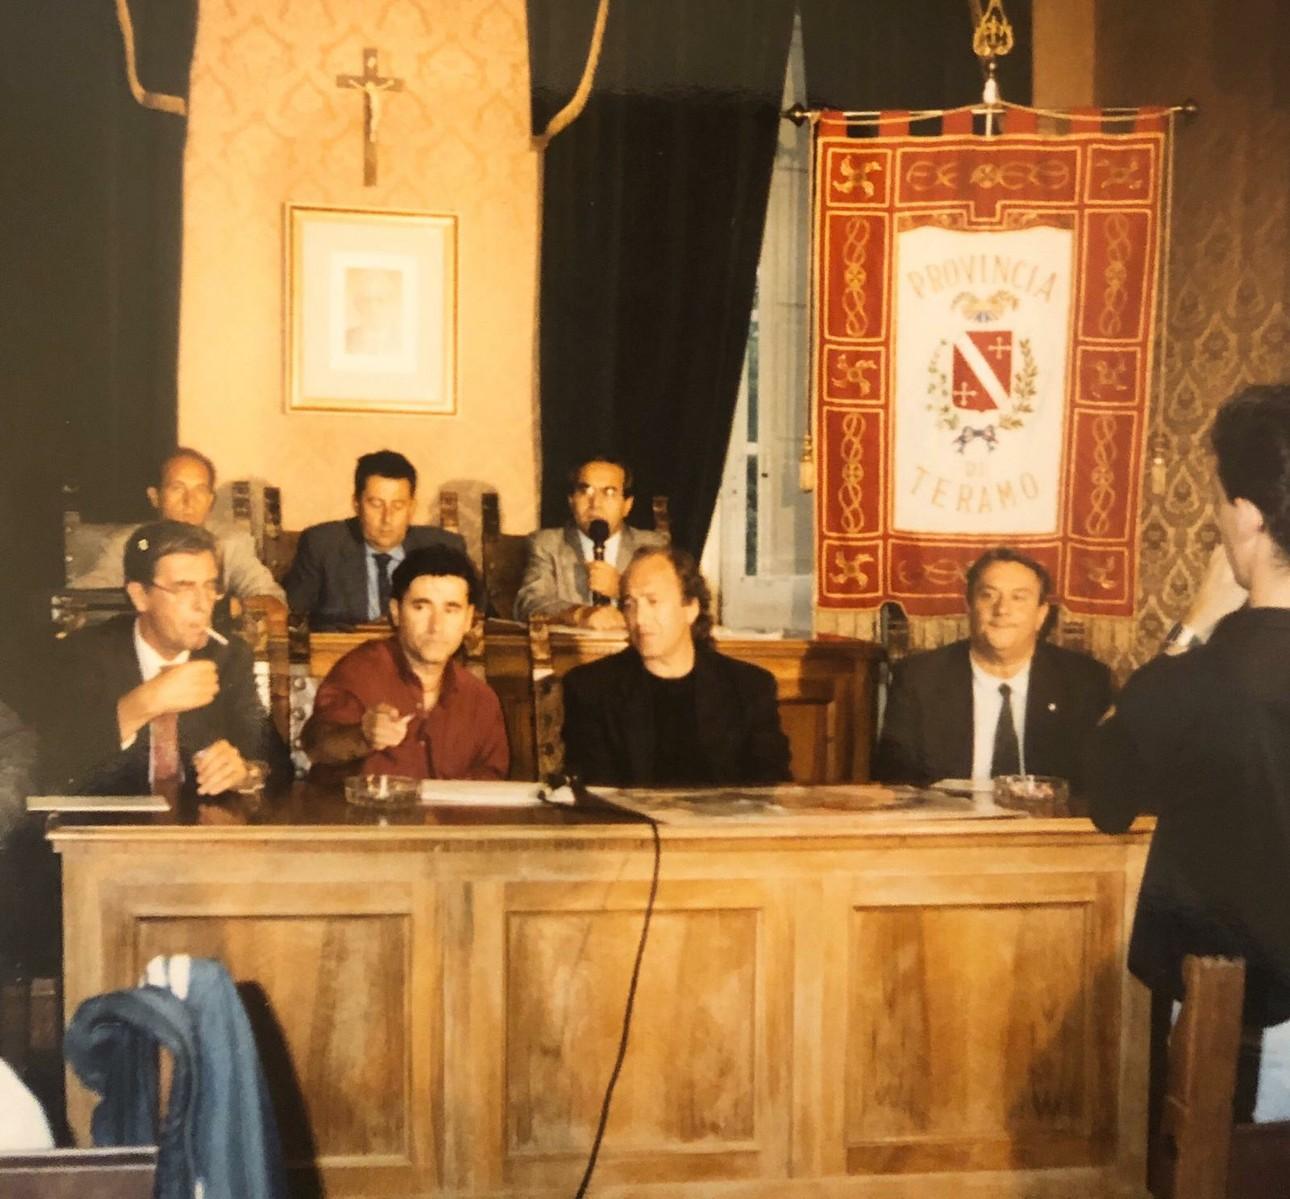 foto d'archivio con Ivan Graziani, Mimmo Locasciulli, Enrico Paolini,Franco Tassi, Osvaldo Scrivani